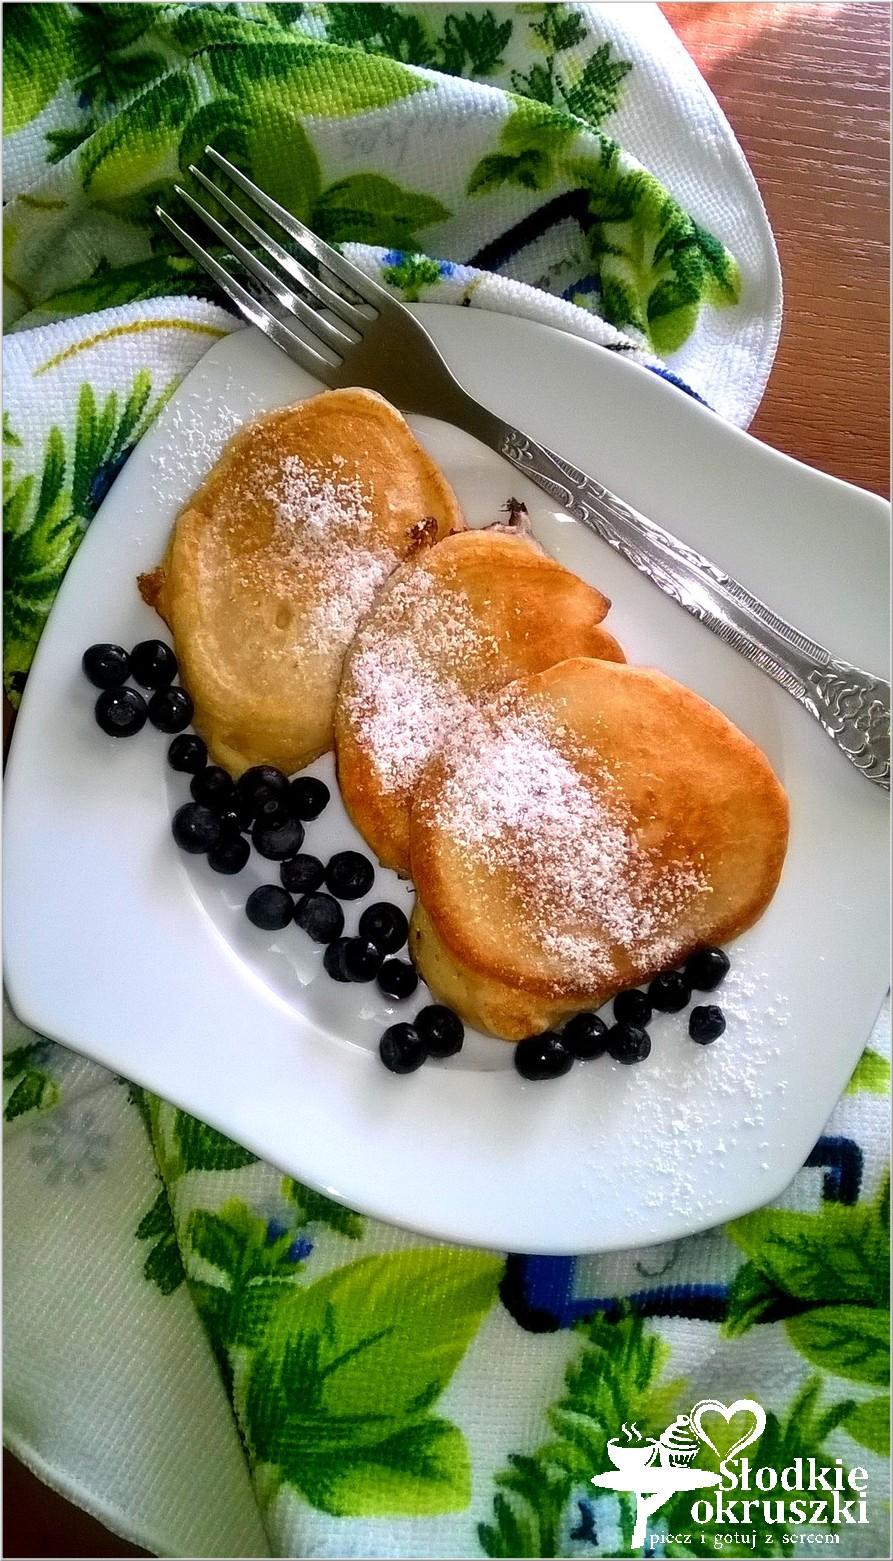 Pyszne i puszyste placuszki na kefirze. Śniadanie dla małych i dużych.